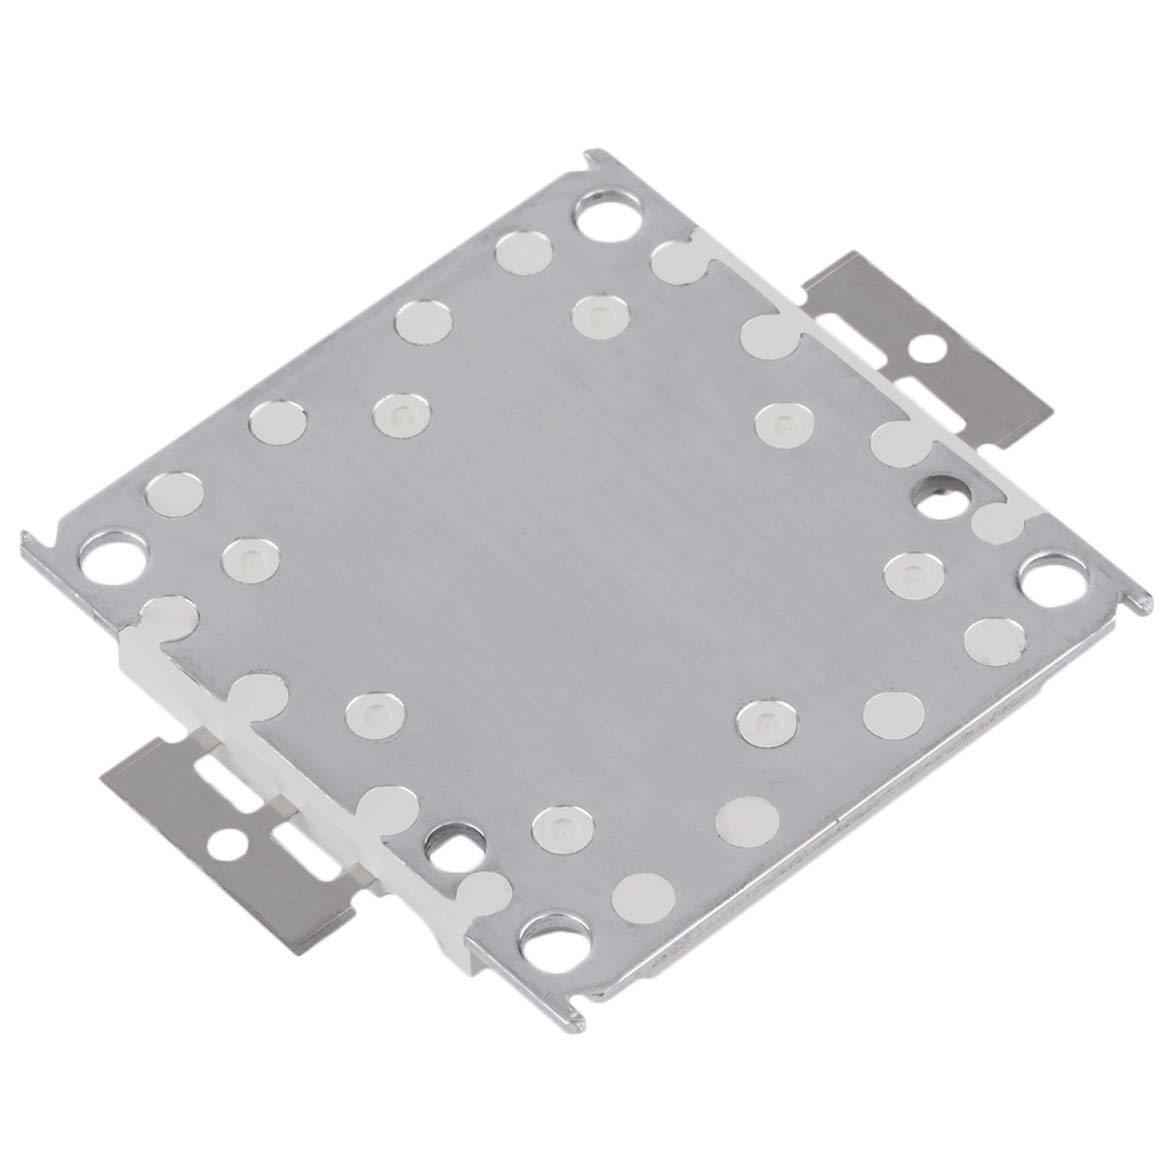 Blanco Kongqiabona Alta Potencia Blanco//C/álido Blanco 3000mA 32-35V RGB SMD Led L/ámpara de Proyector de Luz de Inundaci/ón de Chip Integrado Cuenta 100W 10000LM